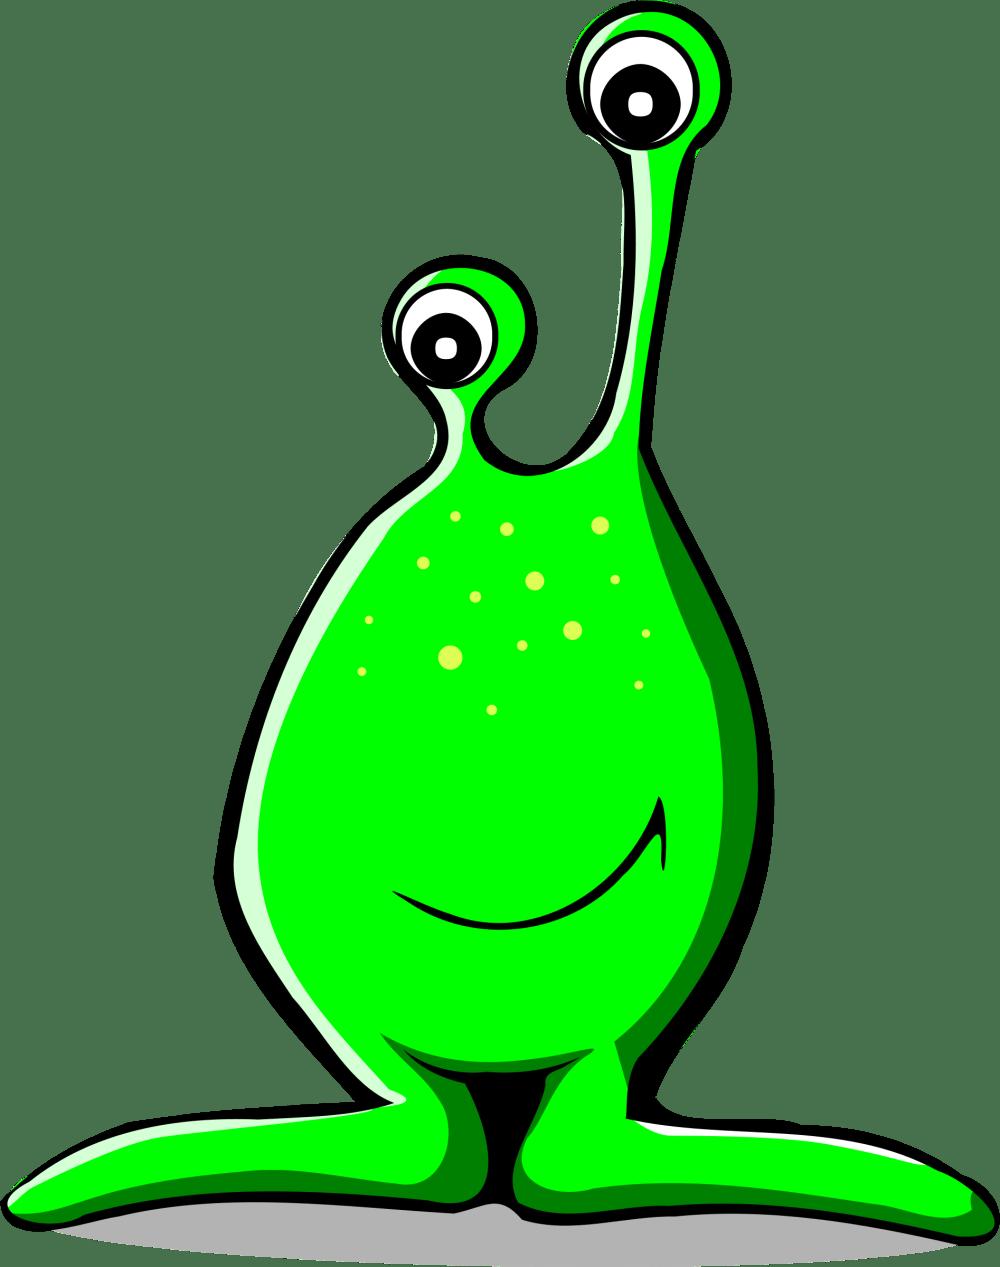 medium resolution of alien clipart